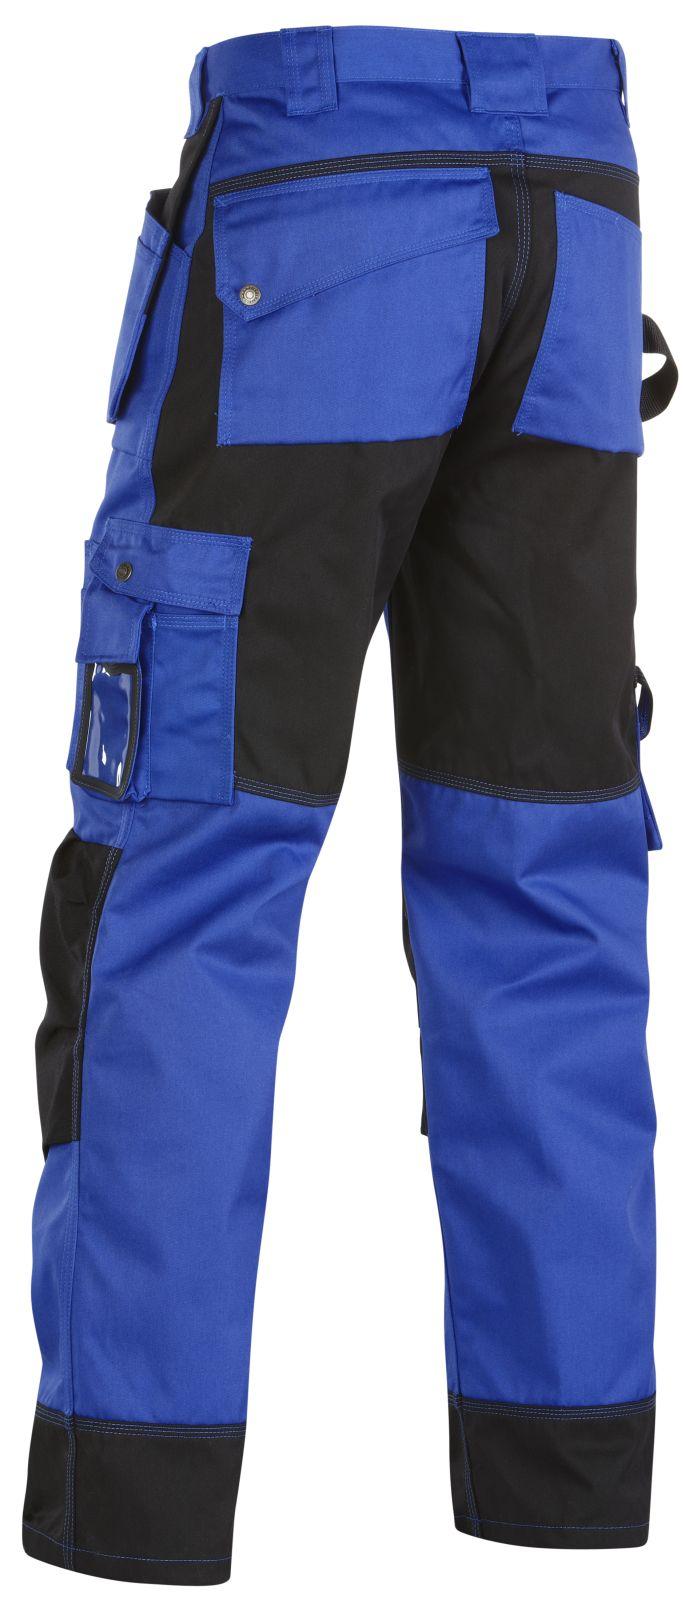 Blaklader Broeken 15031860 korenblauw-zwart(8599)